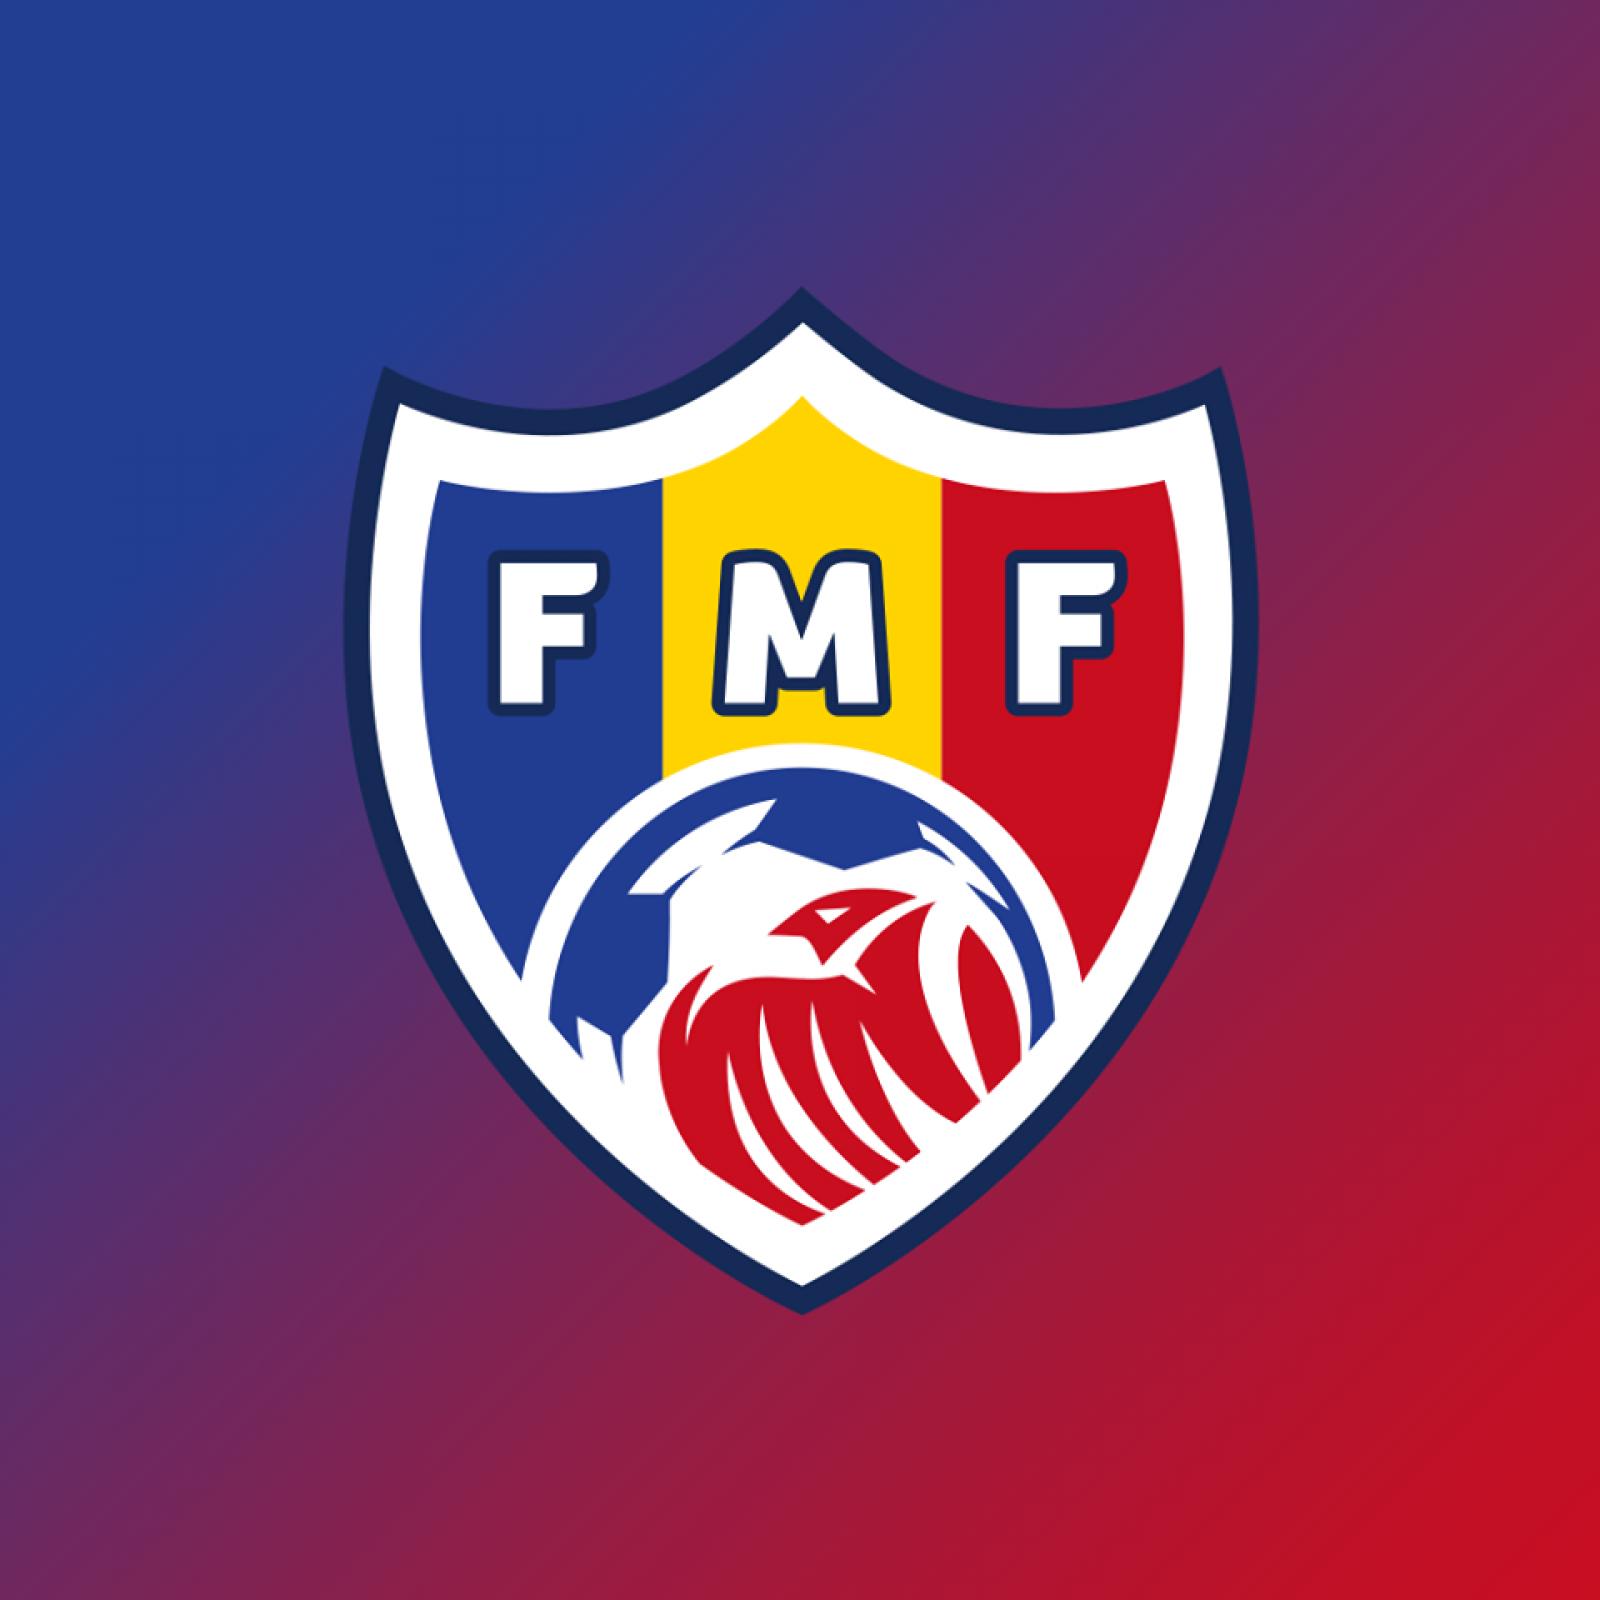 Federația Moldovenească de Fotbal a stabilit calendarul noului sezon! Milsami va juca cu Zimbru în prima etapă